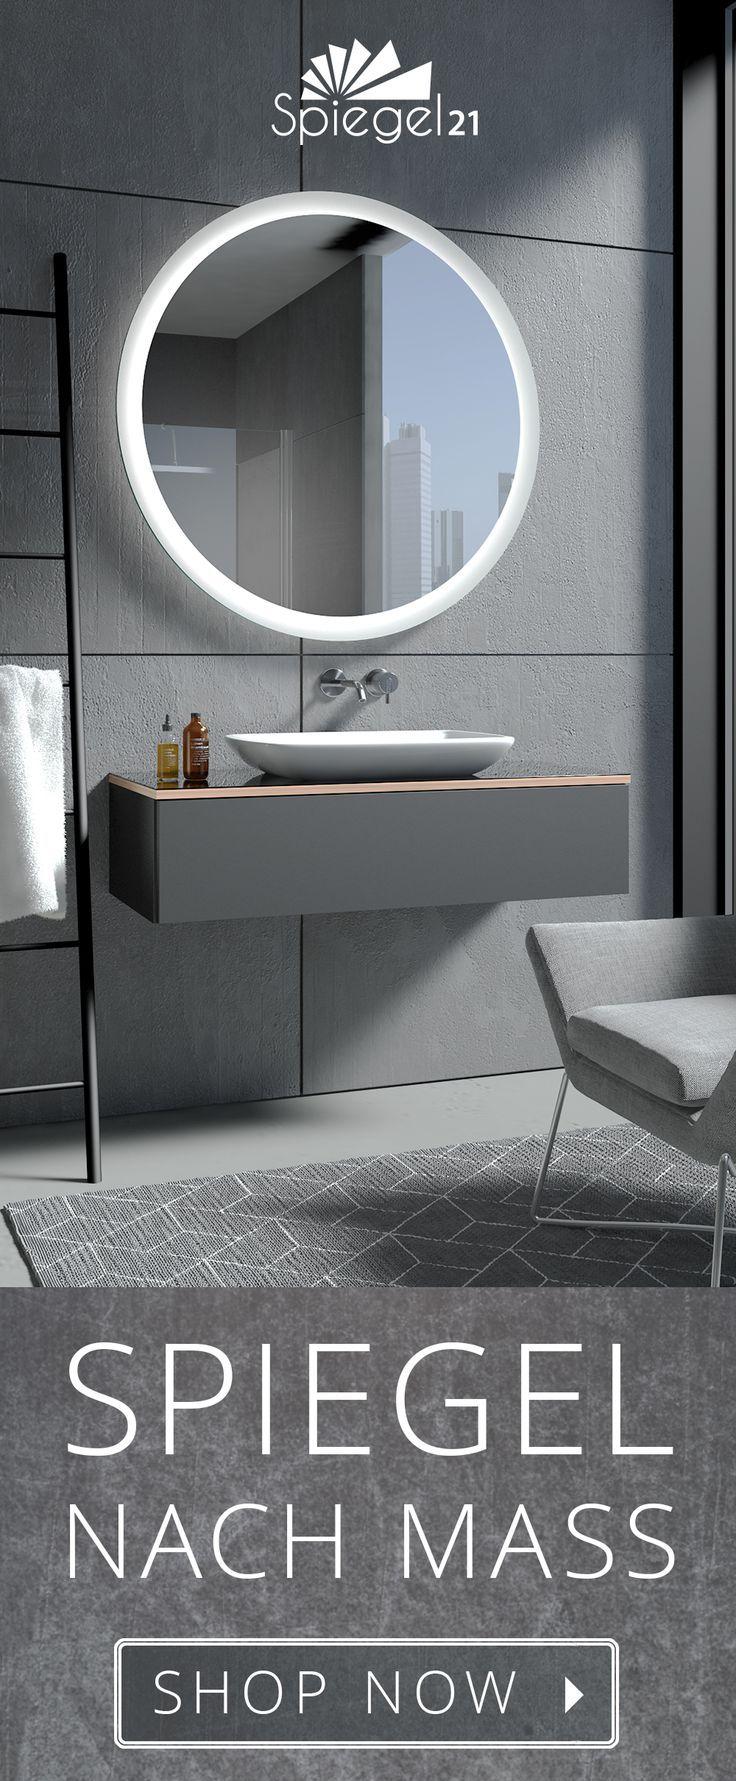 Runder Badspiegel Mit Beleuchtung Charon Runde Spiegel Fur Das